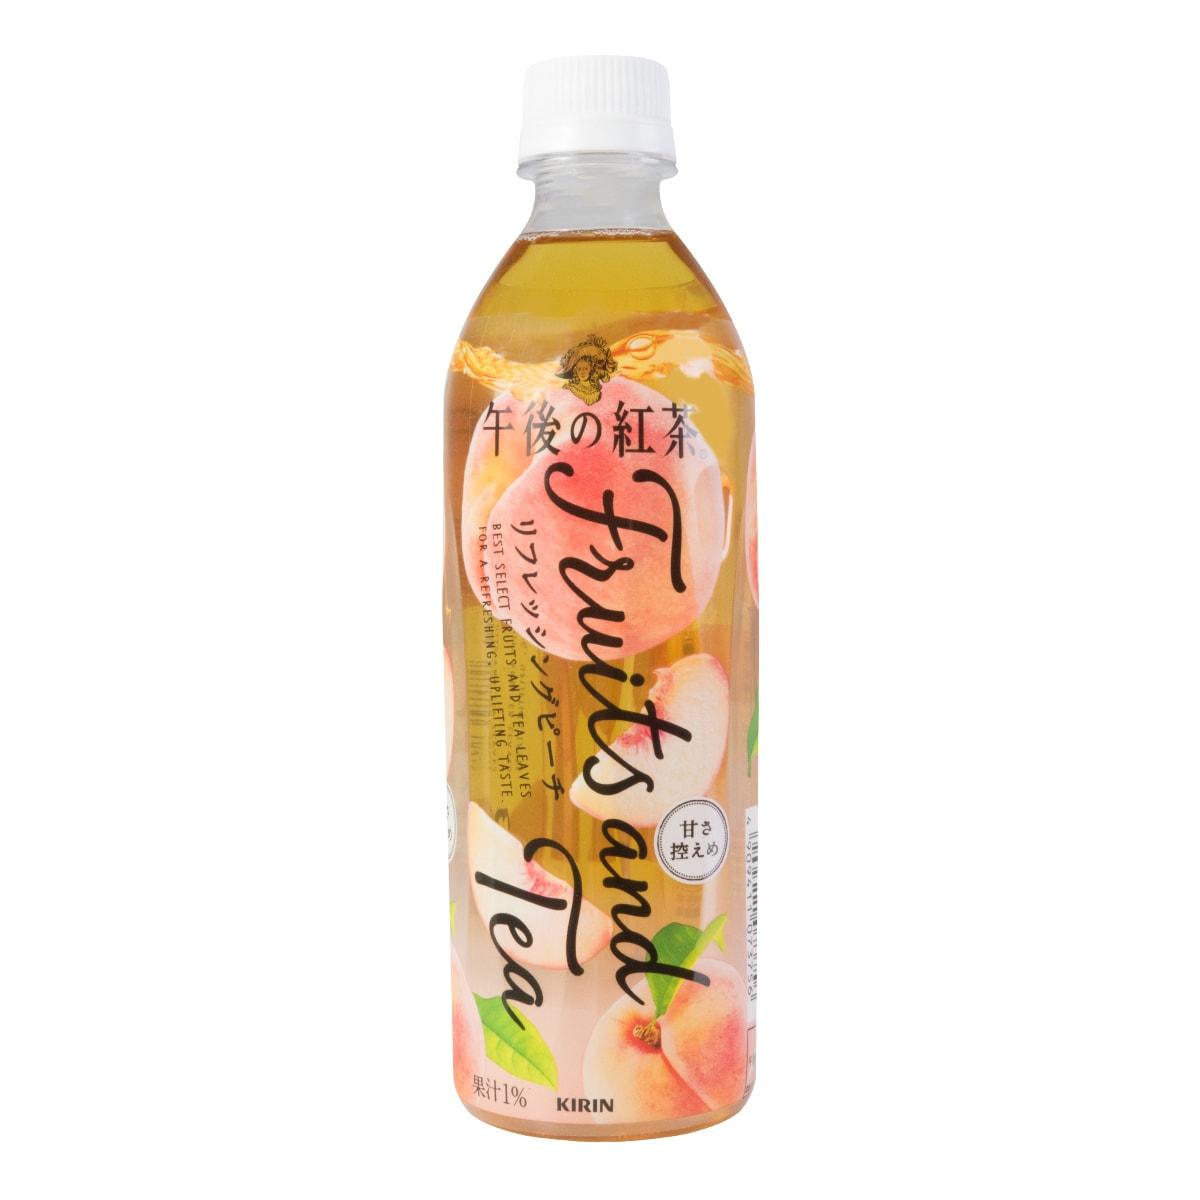 日本KIRIN 午后の红茶 清新桃子味 500ml